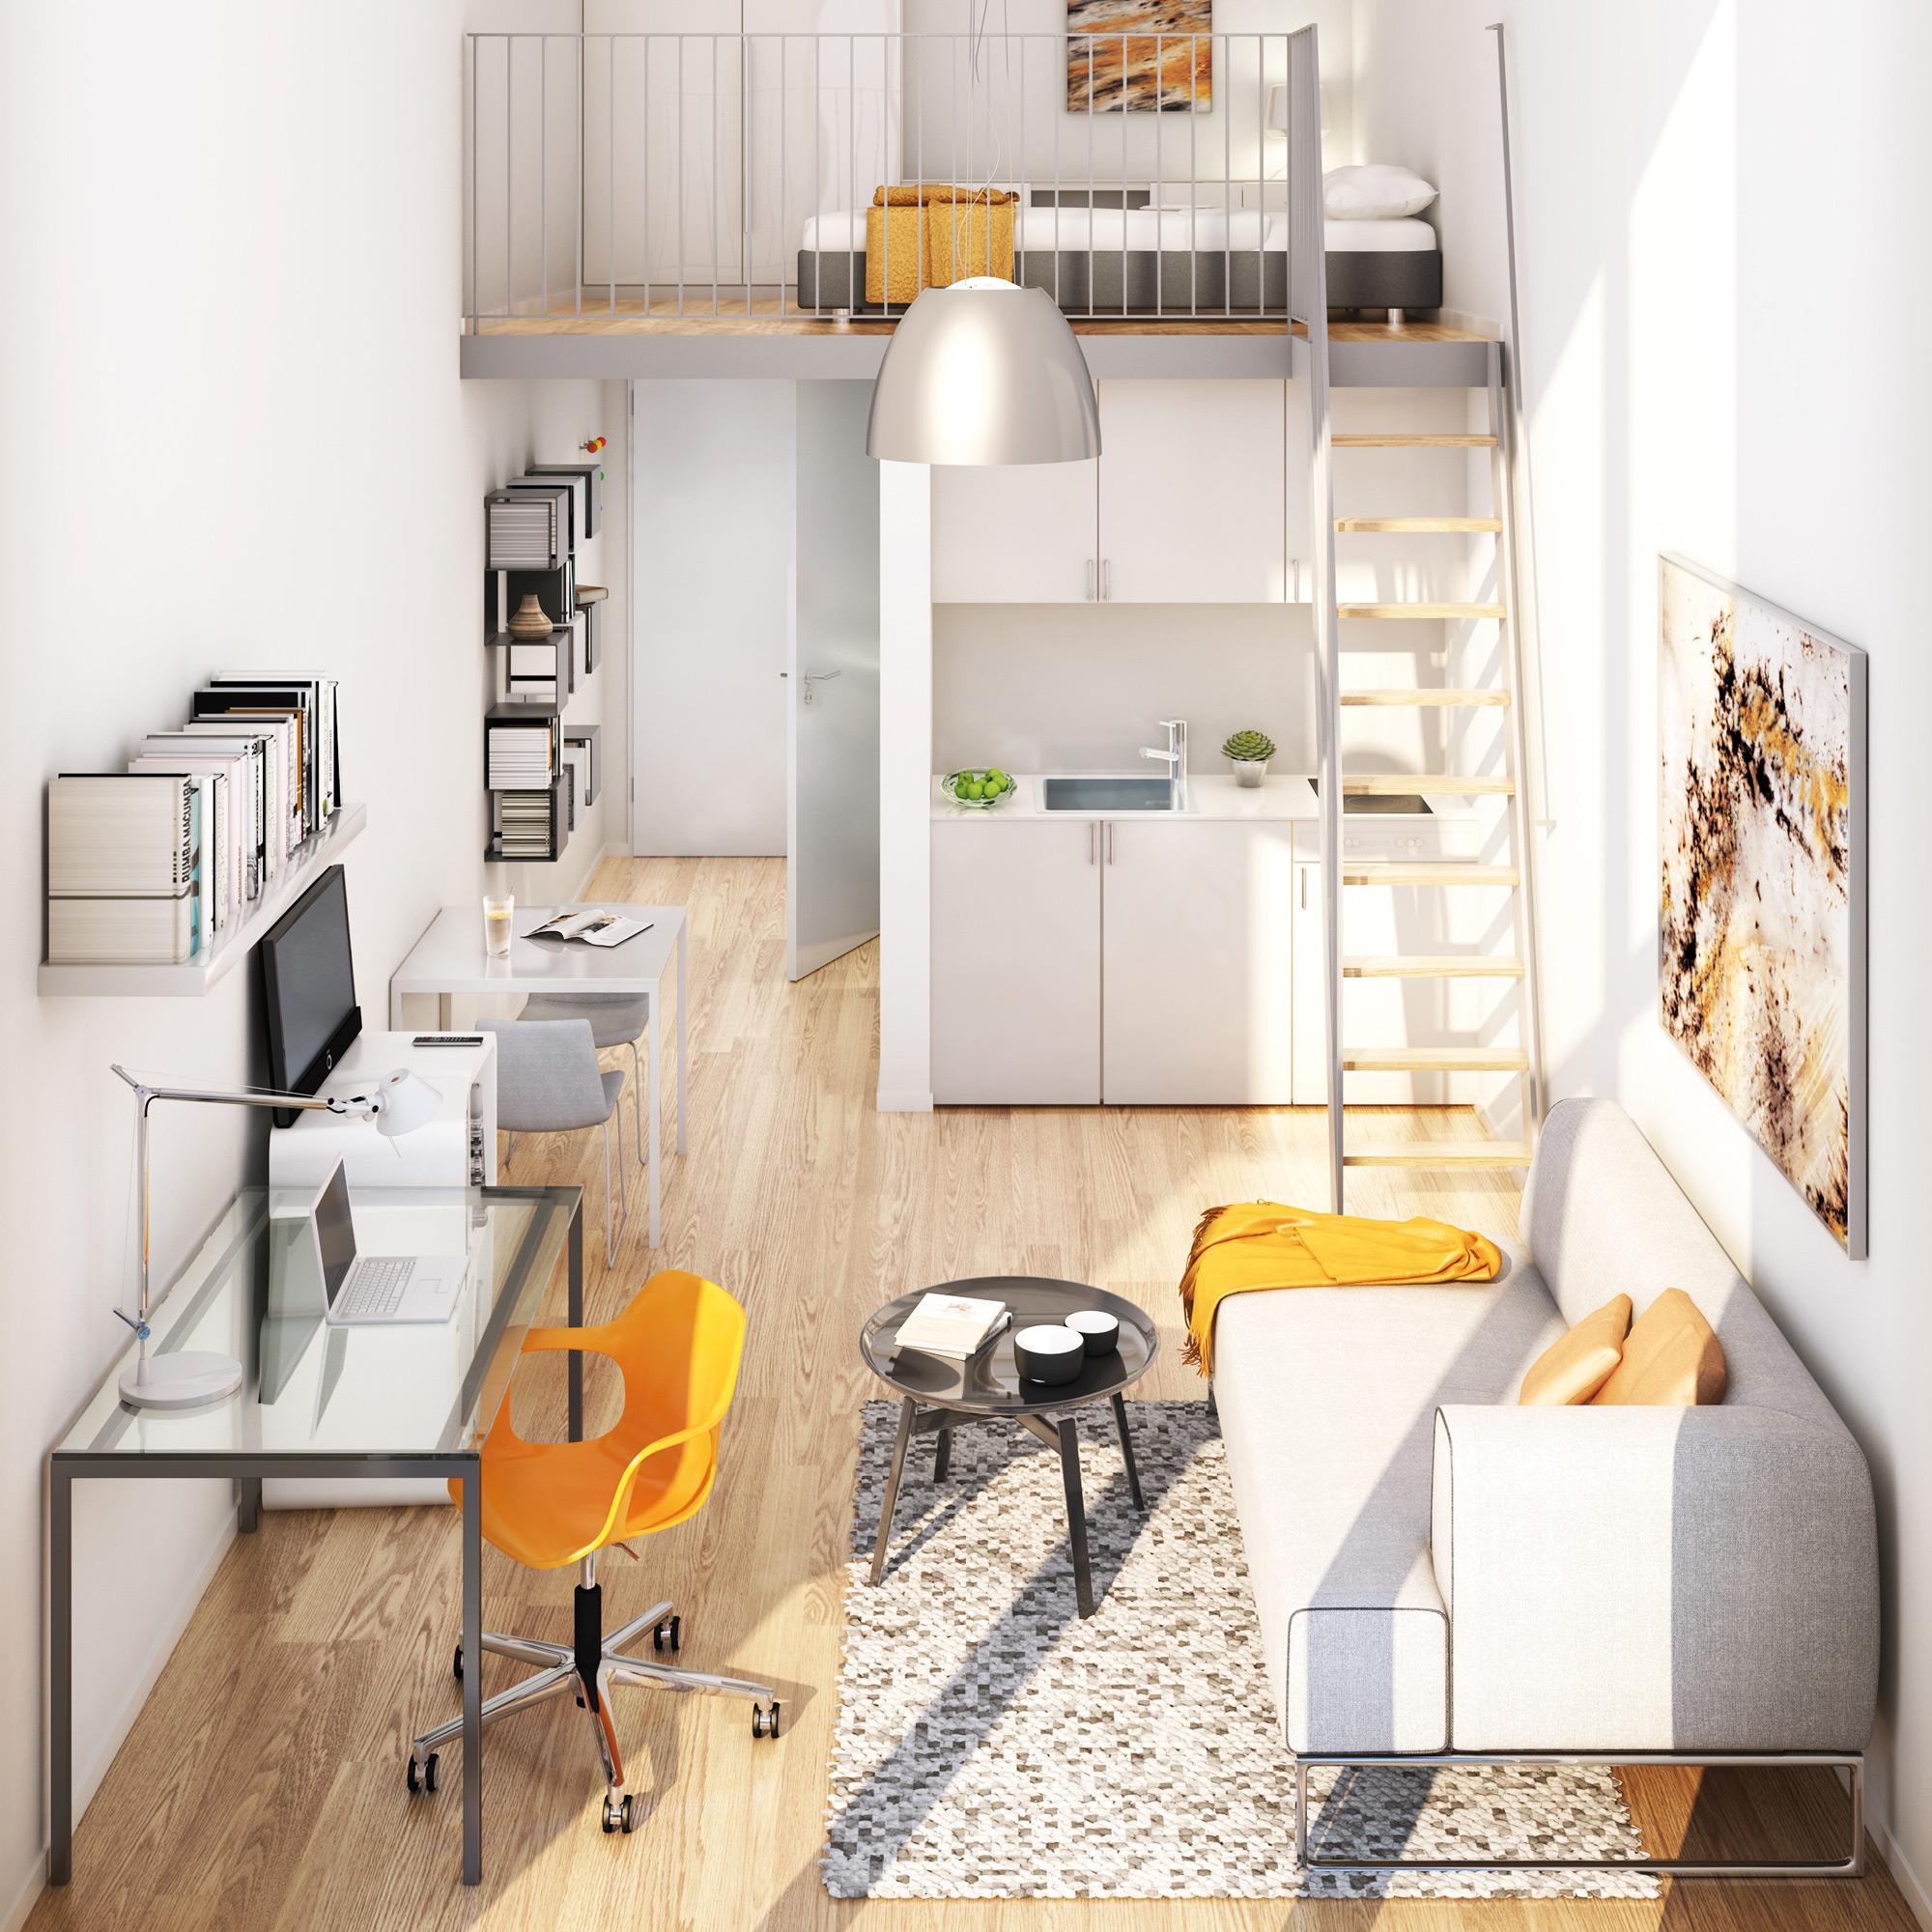 Einrichtungsbeispiel eines Apartments mit Galerie in der studiosus 5 Studentenwohnanlage in Augsburg